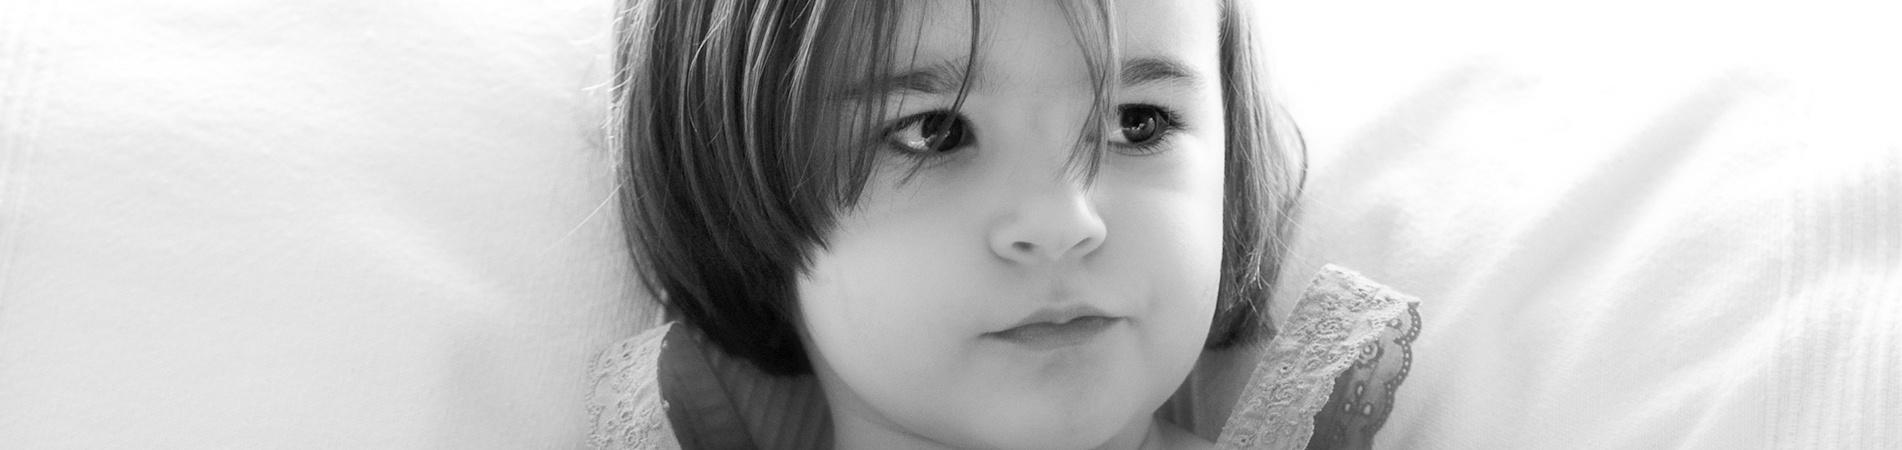 Nueva consulta de lactancia materna y valoración de frenillo sublingual